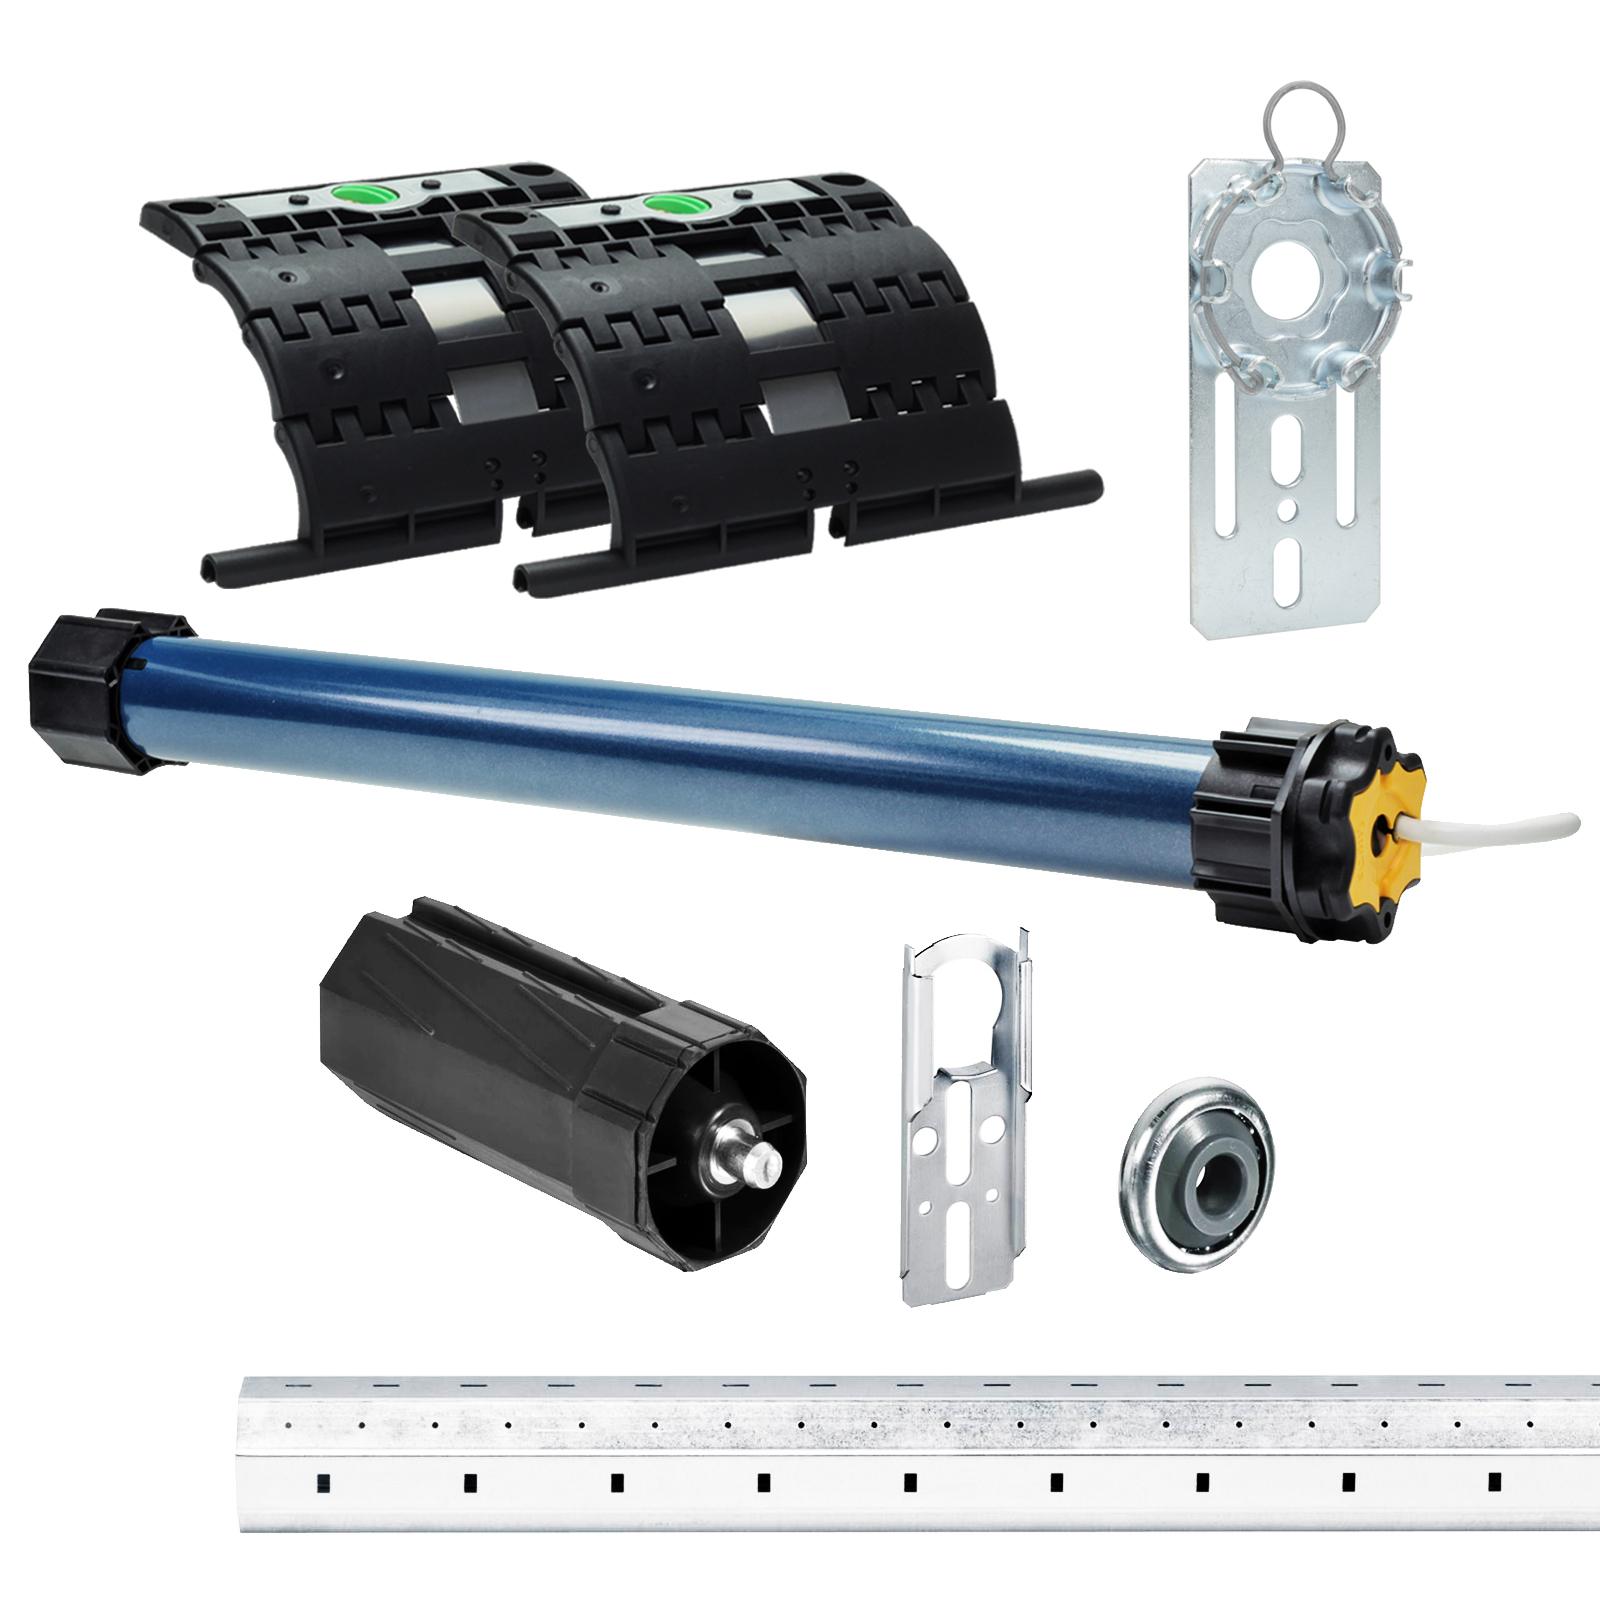 Anschlusskabel und SW 60 Adapter//Mitnehmer. Einbruchschutz durch 3 patentierte Hochschiebesicherungen inkl Somfy Rolladenmotor Ilmo 2 50 WT 30//17 Motorlager